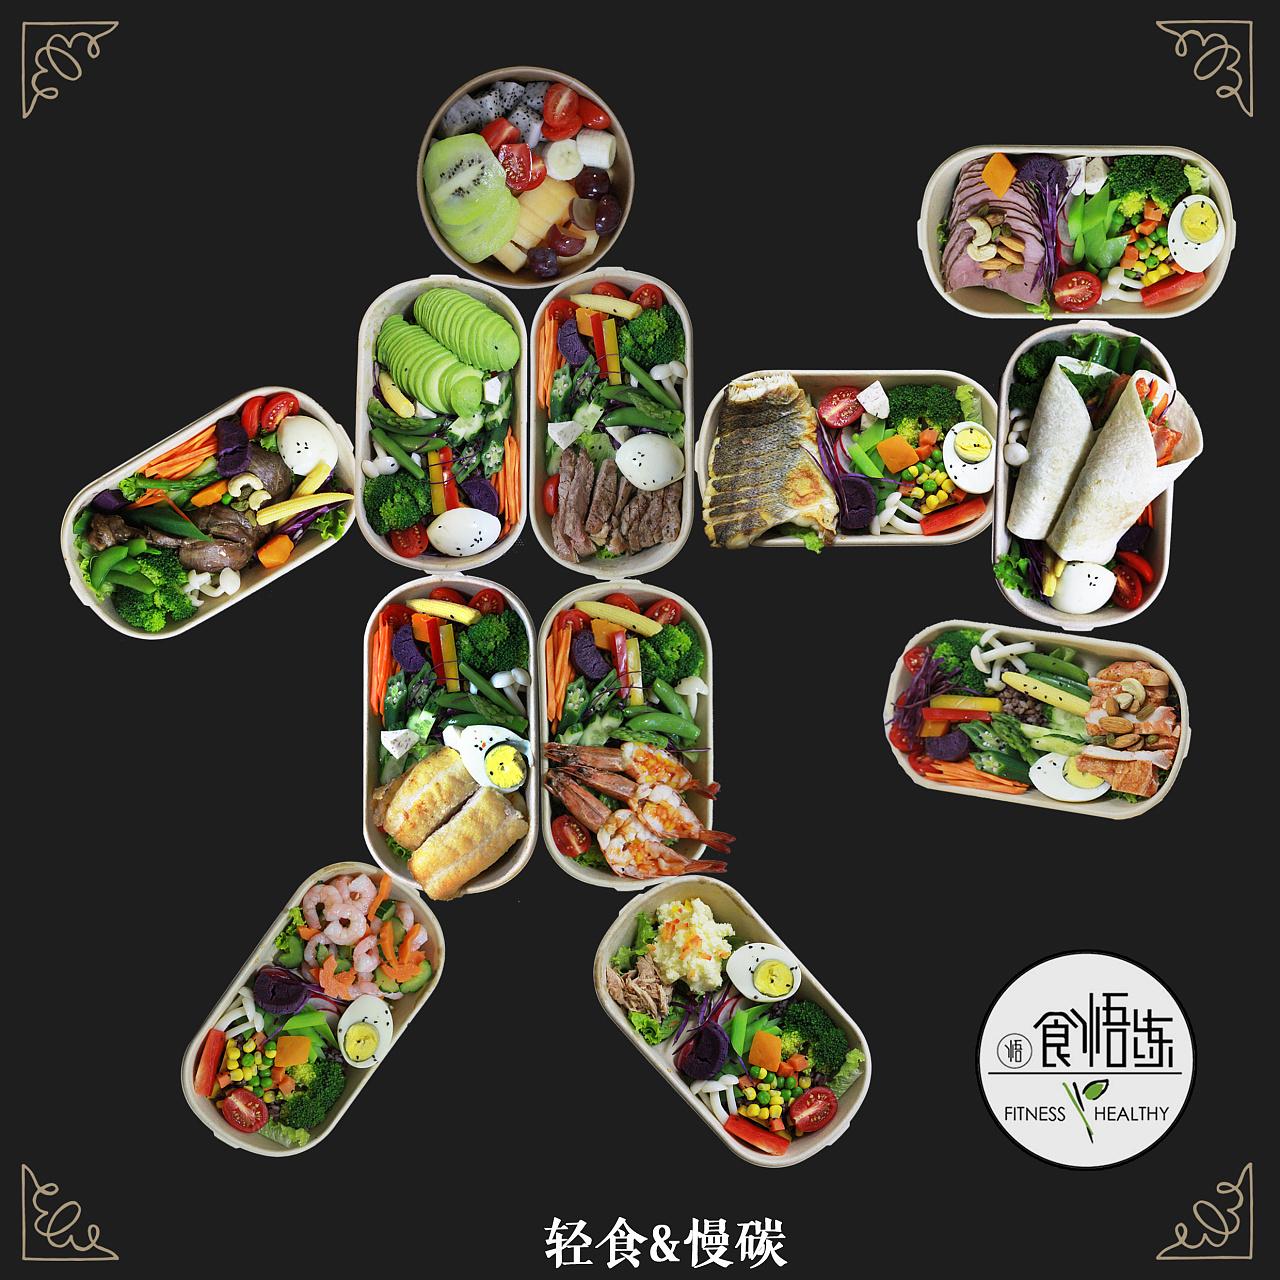 营养餐健身餐宣传|海报|高中|七爷原创-饶命作平面太湖强化班图片